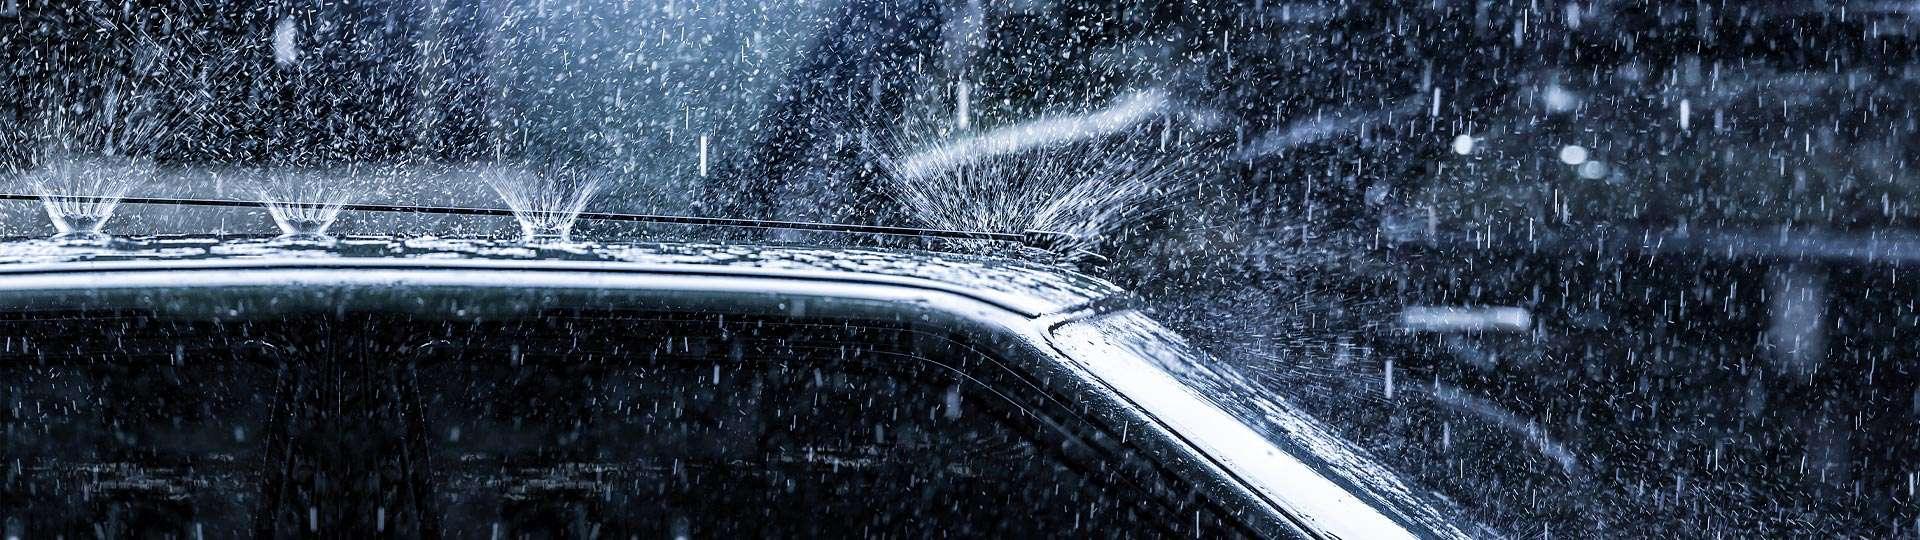 תיקון נזקי ברד ברכב